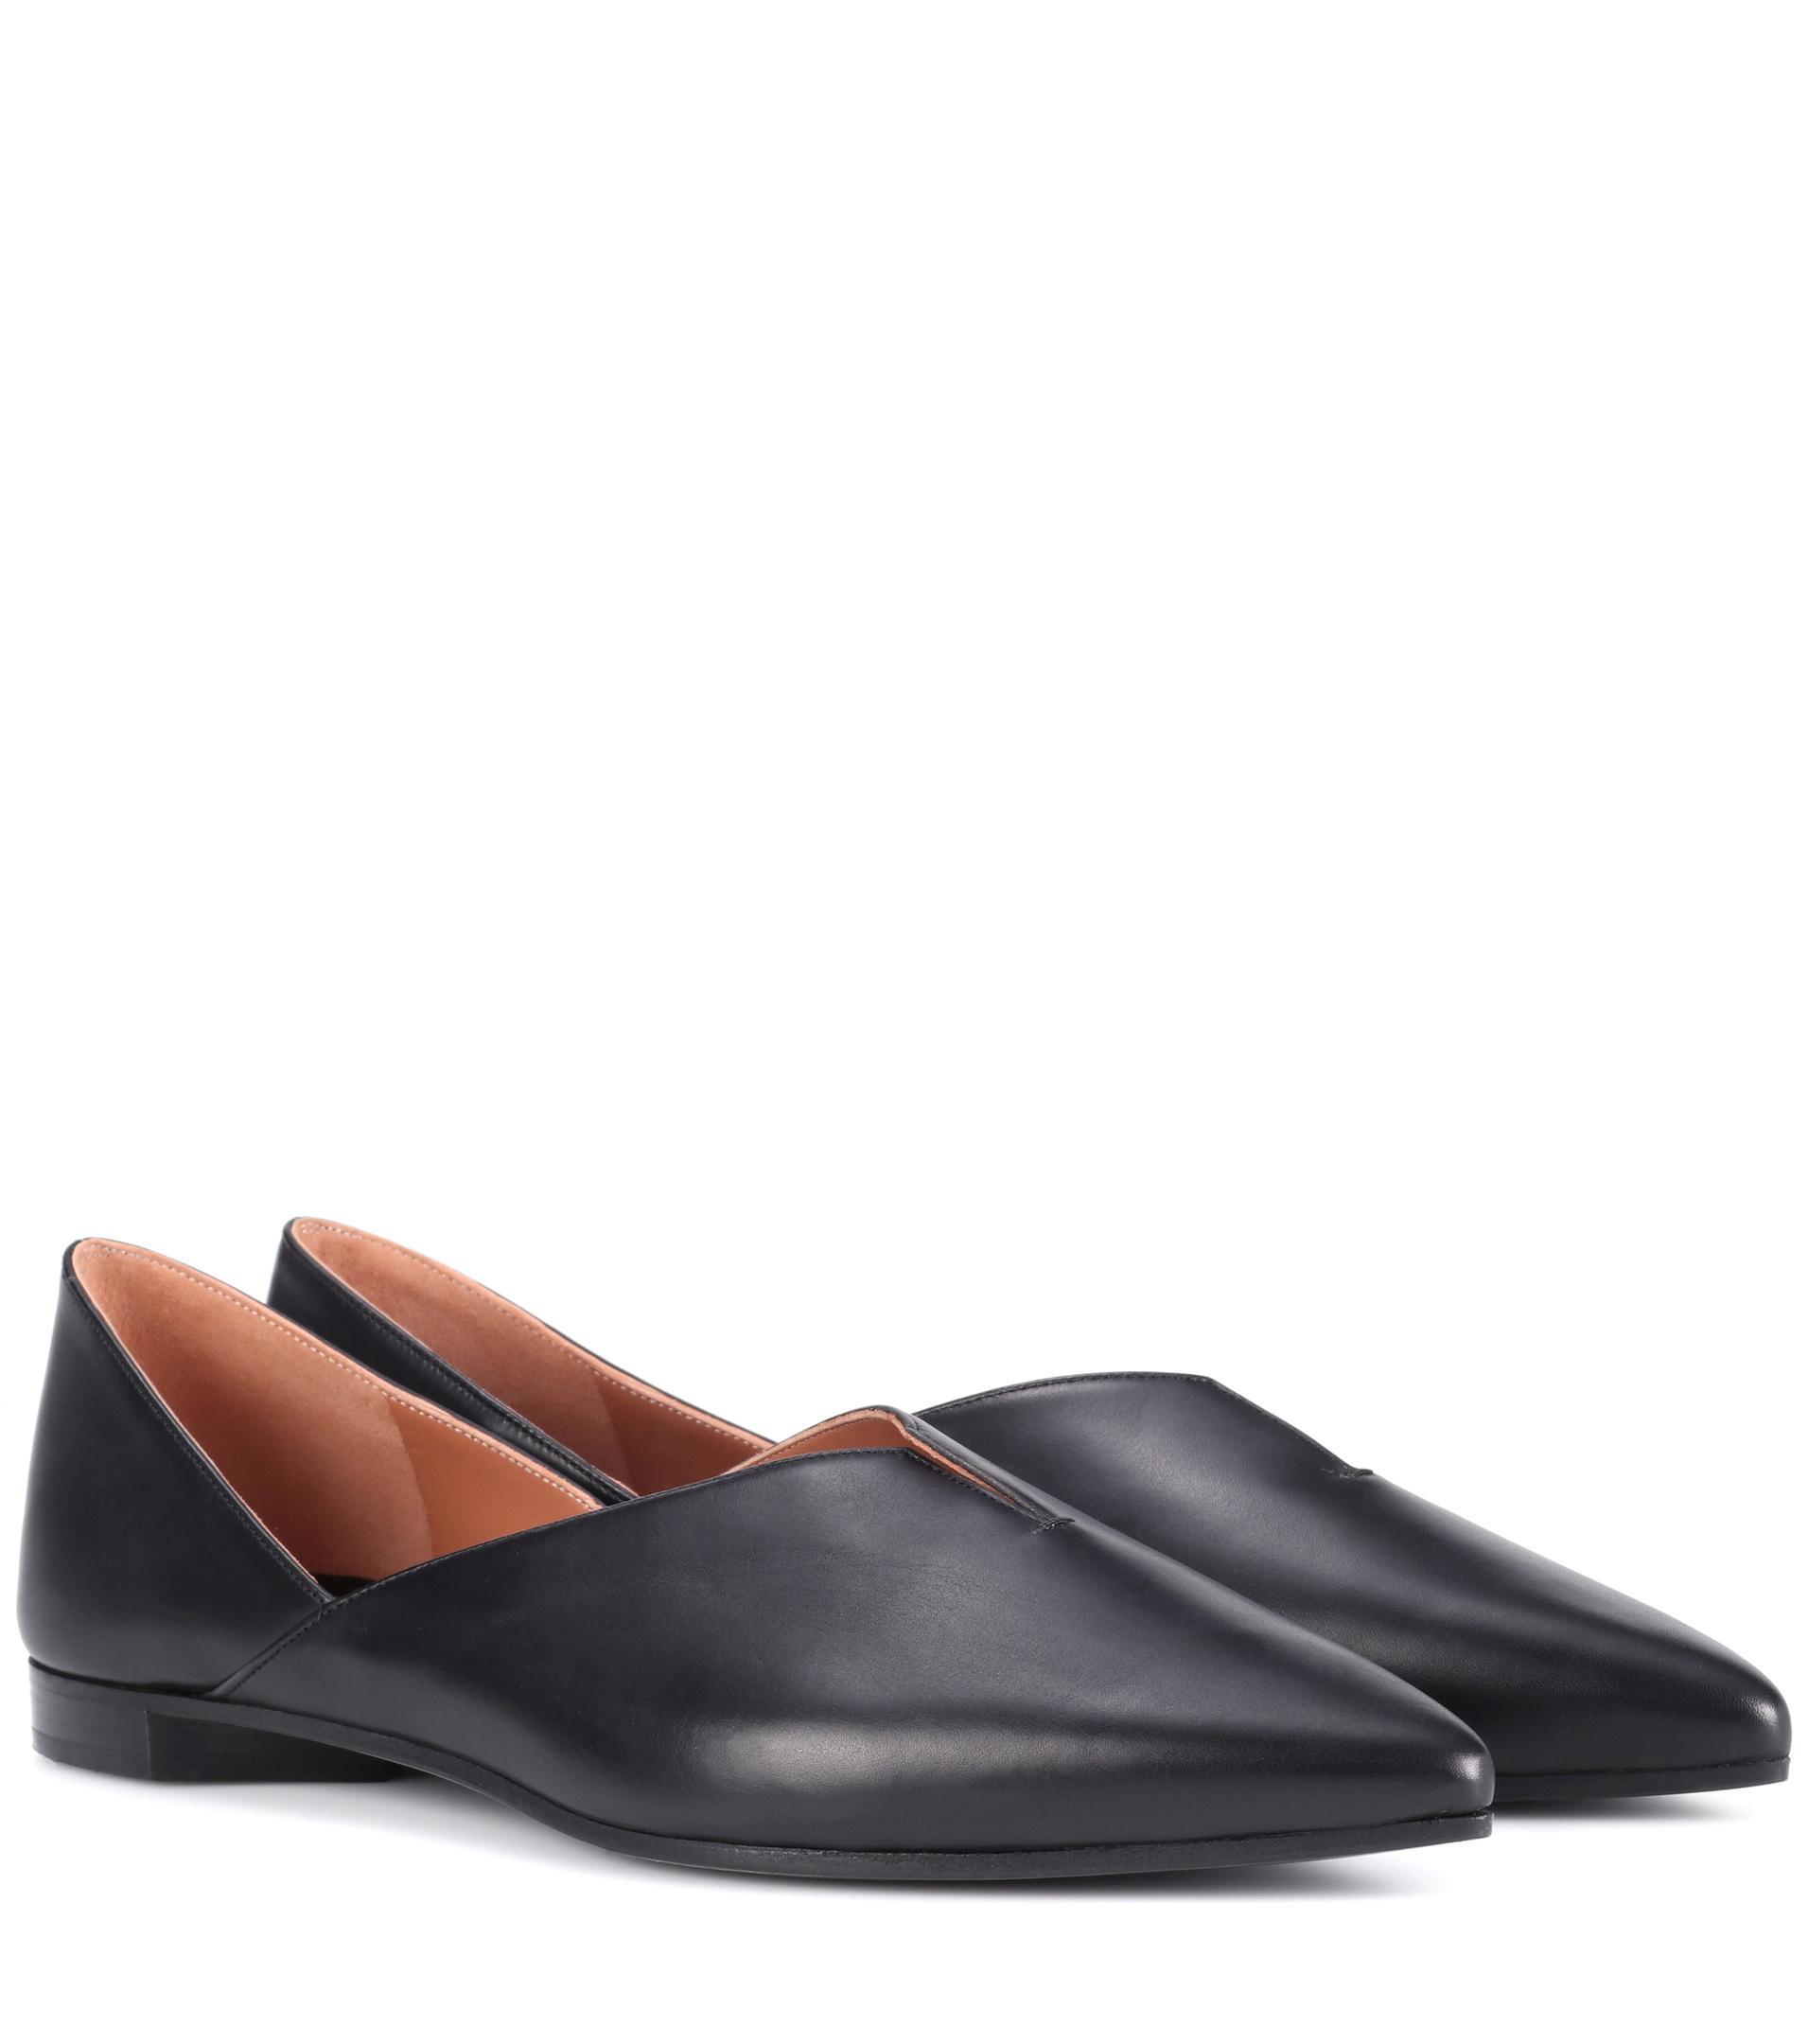 9808ff108e9 Lyst - Pierre Hardy Secret Mule Leather Loafers in Black